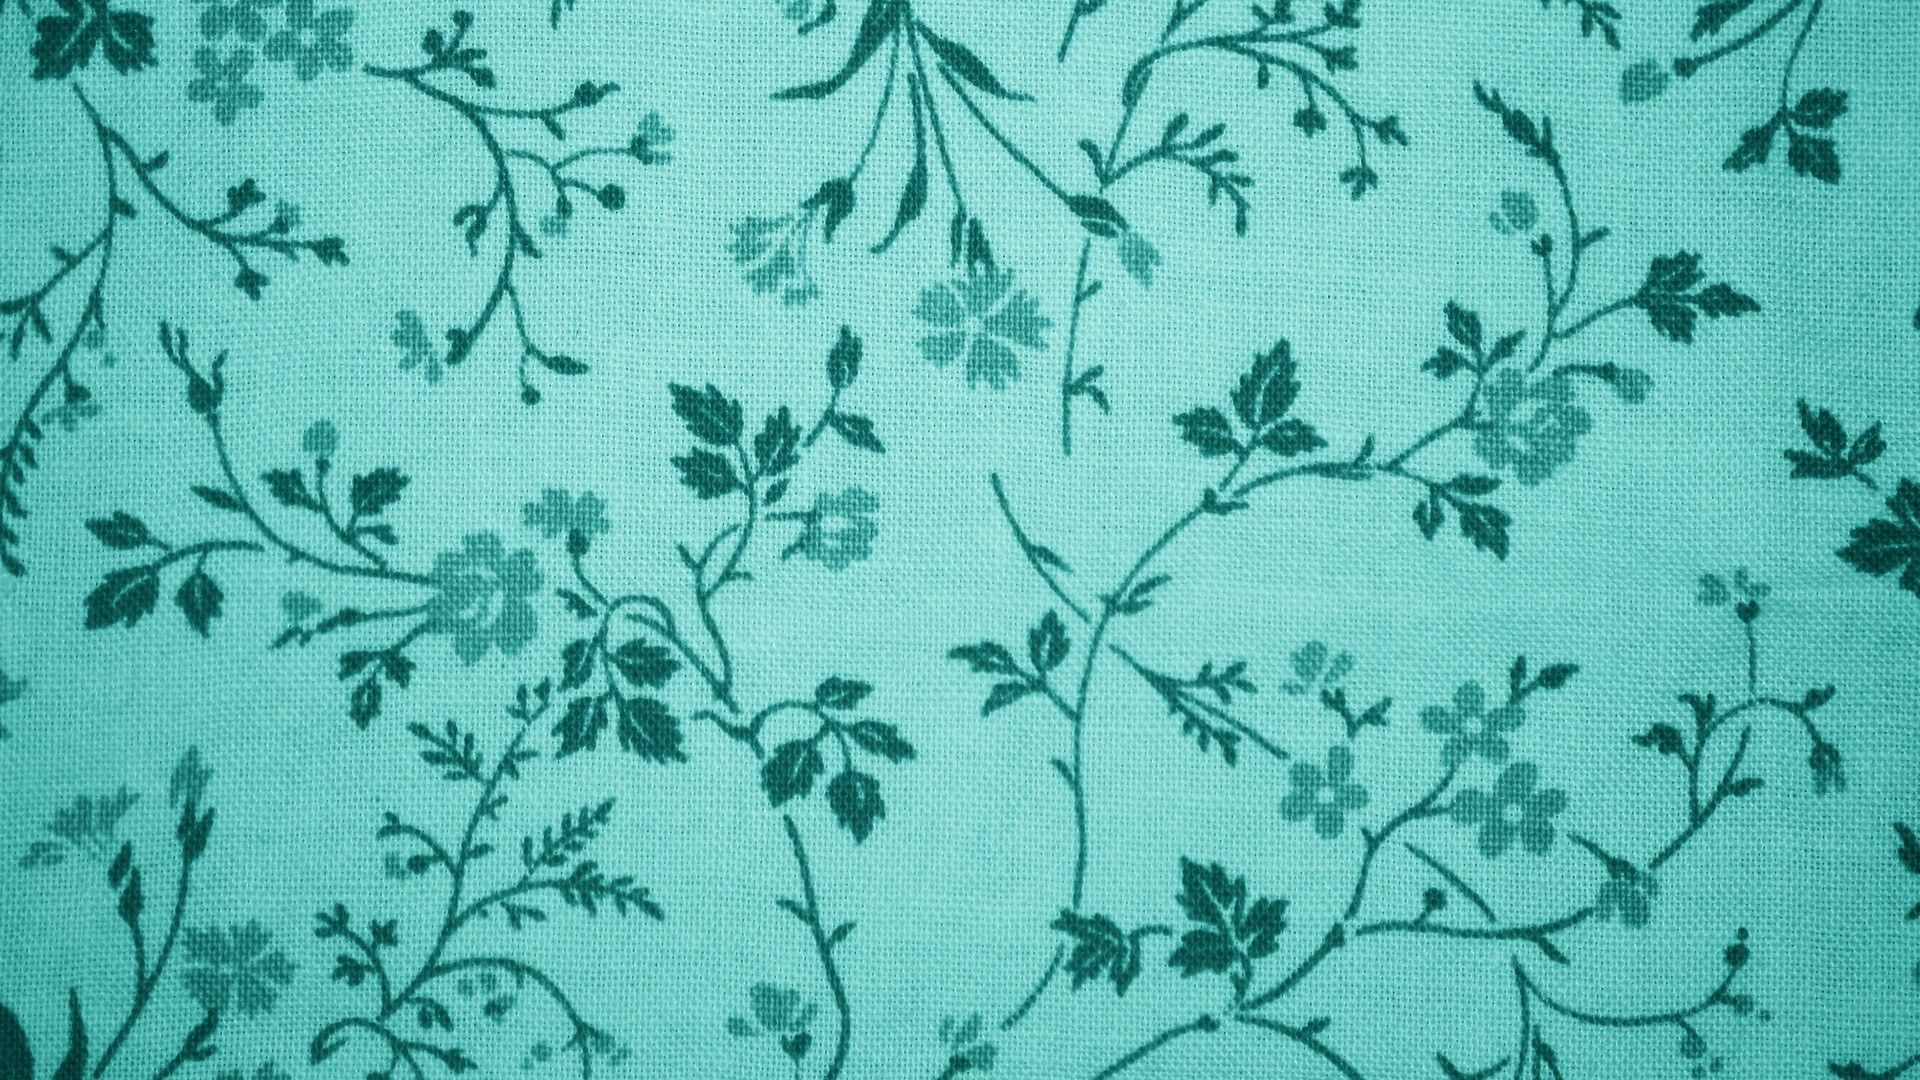 Mint Green new wallpaper